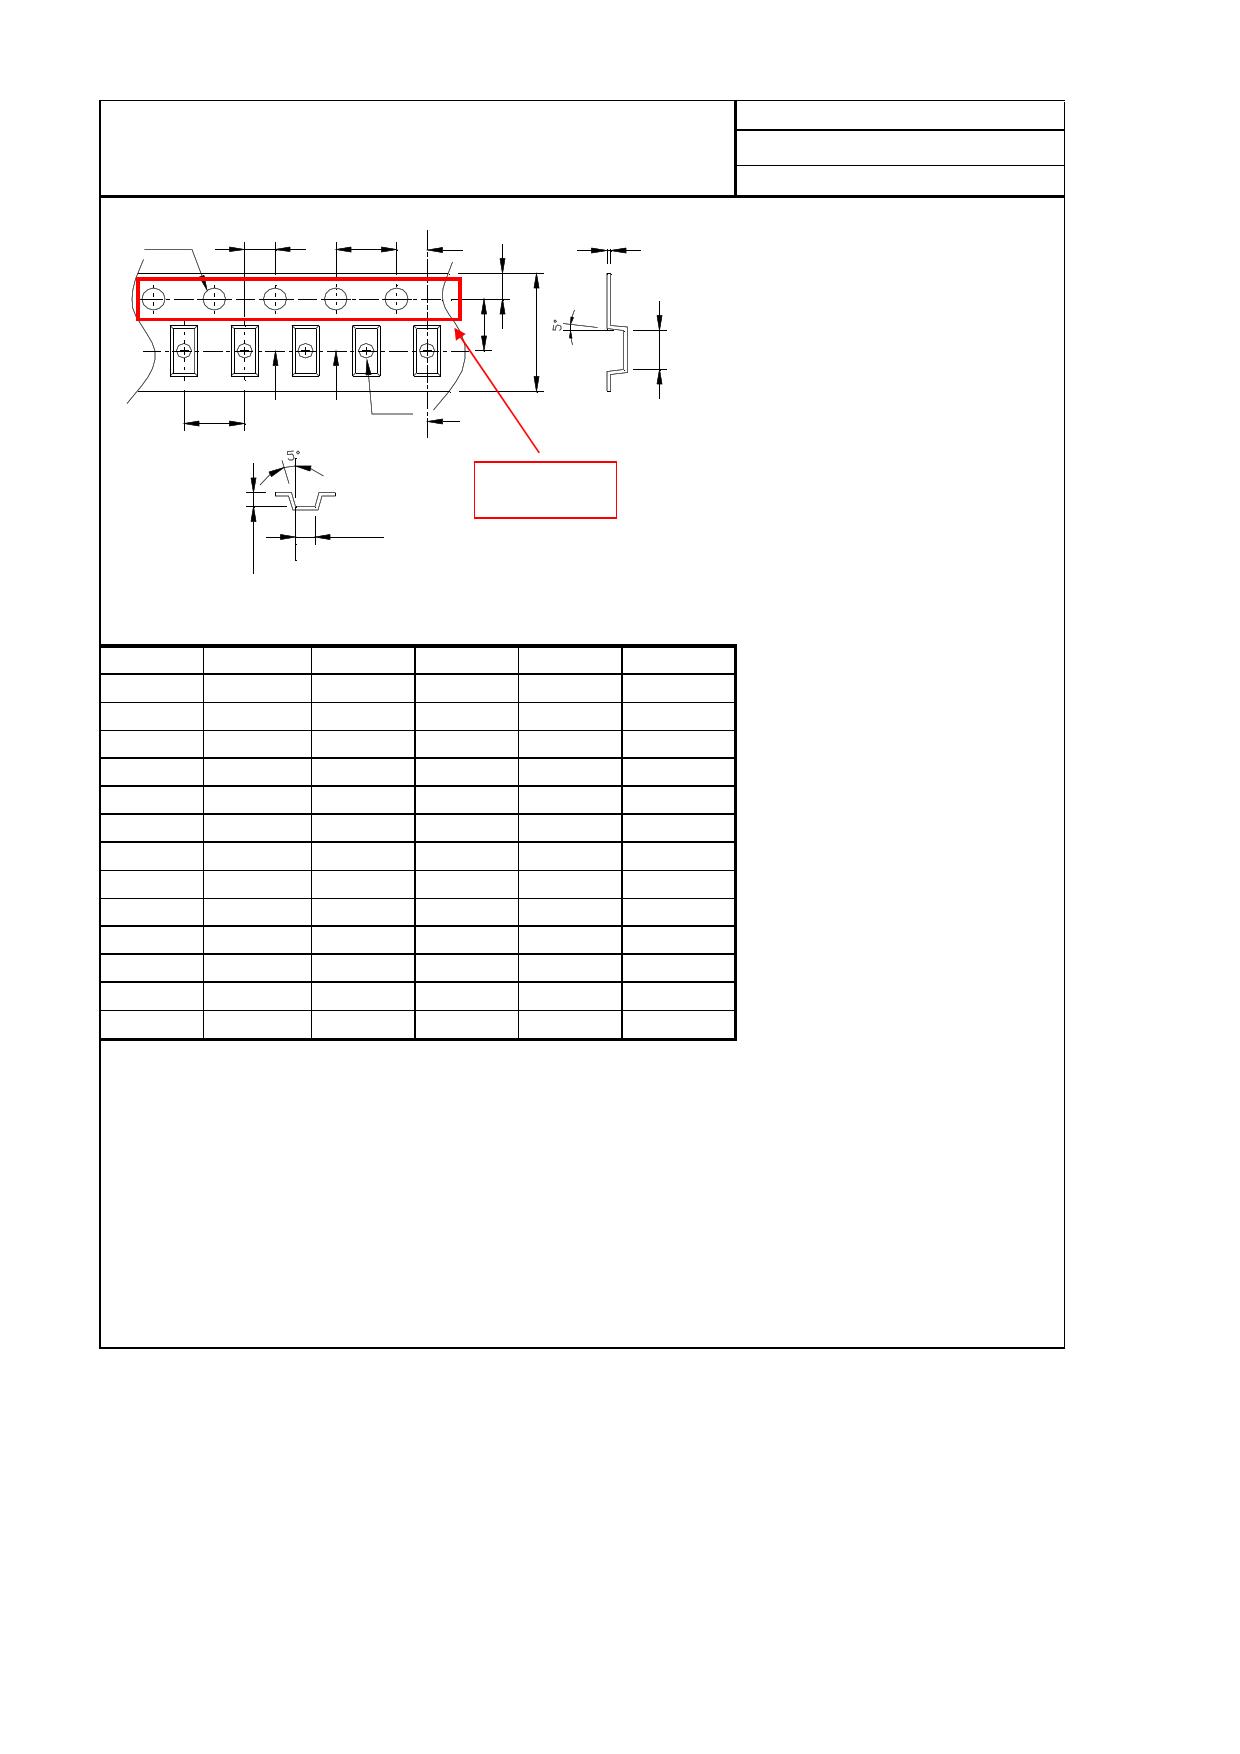 LUMBF260 電子部品, 半導体